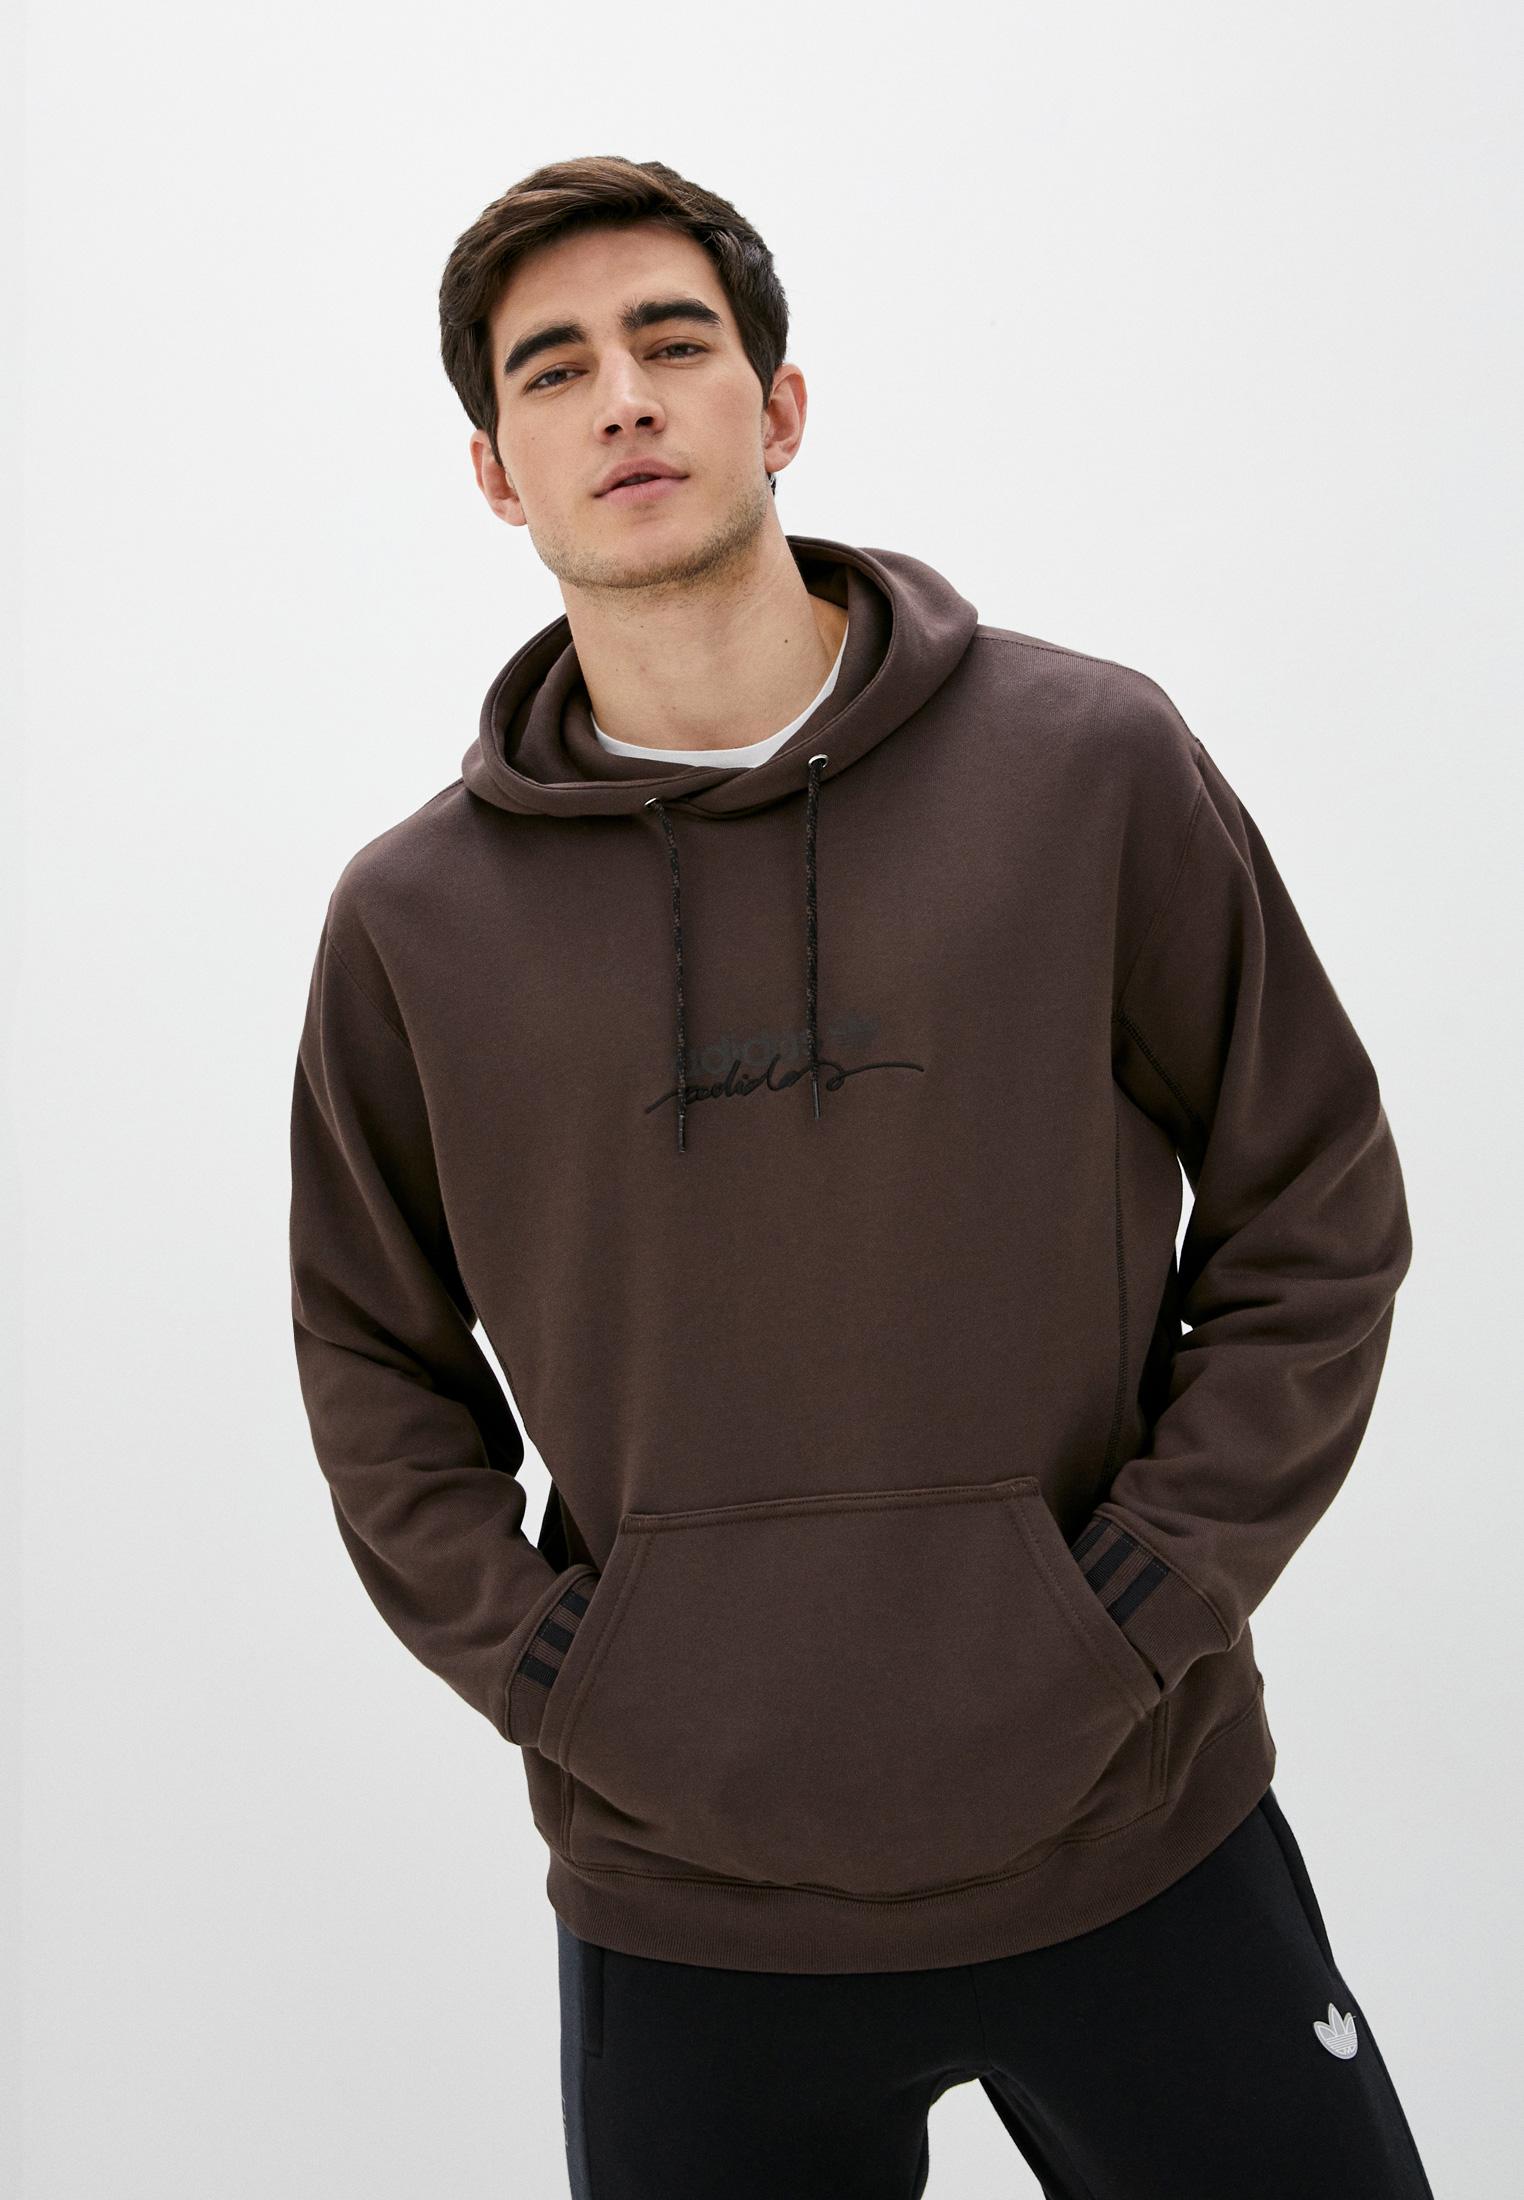 Худи adidas Originals D HOODY купить за 5 590 ₽ в интернет-магазине Lamoda.ru